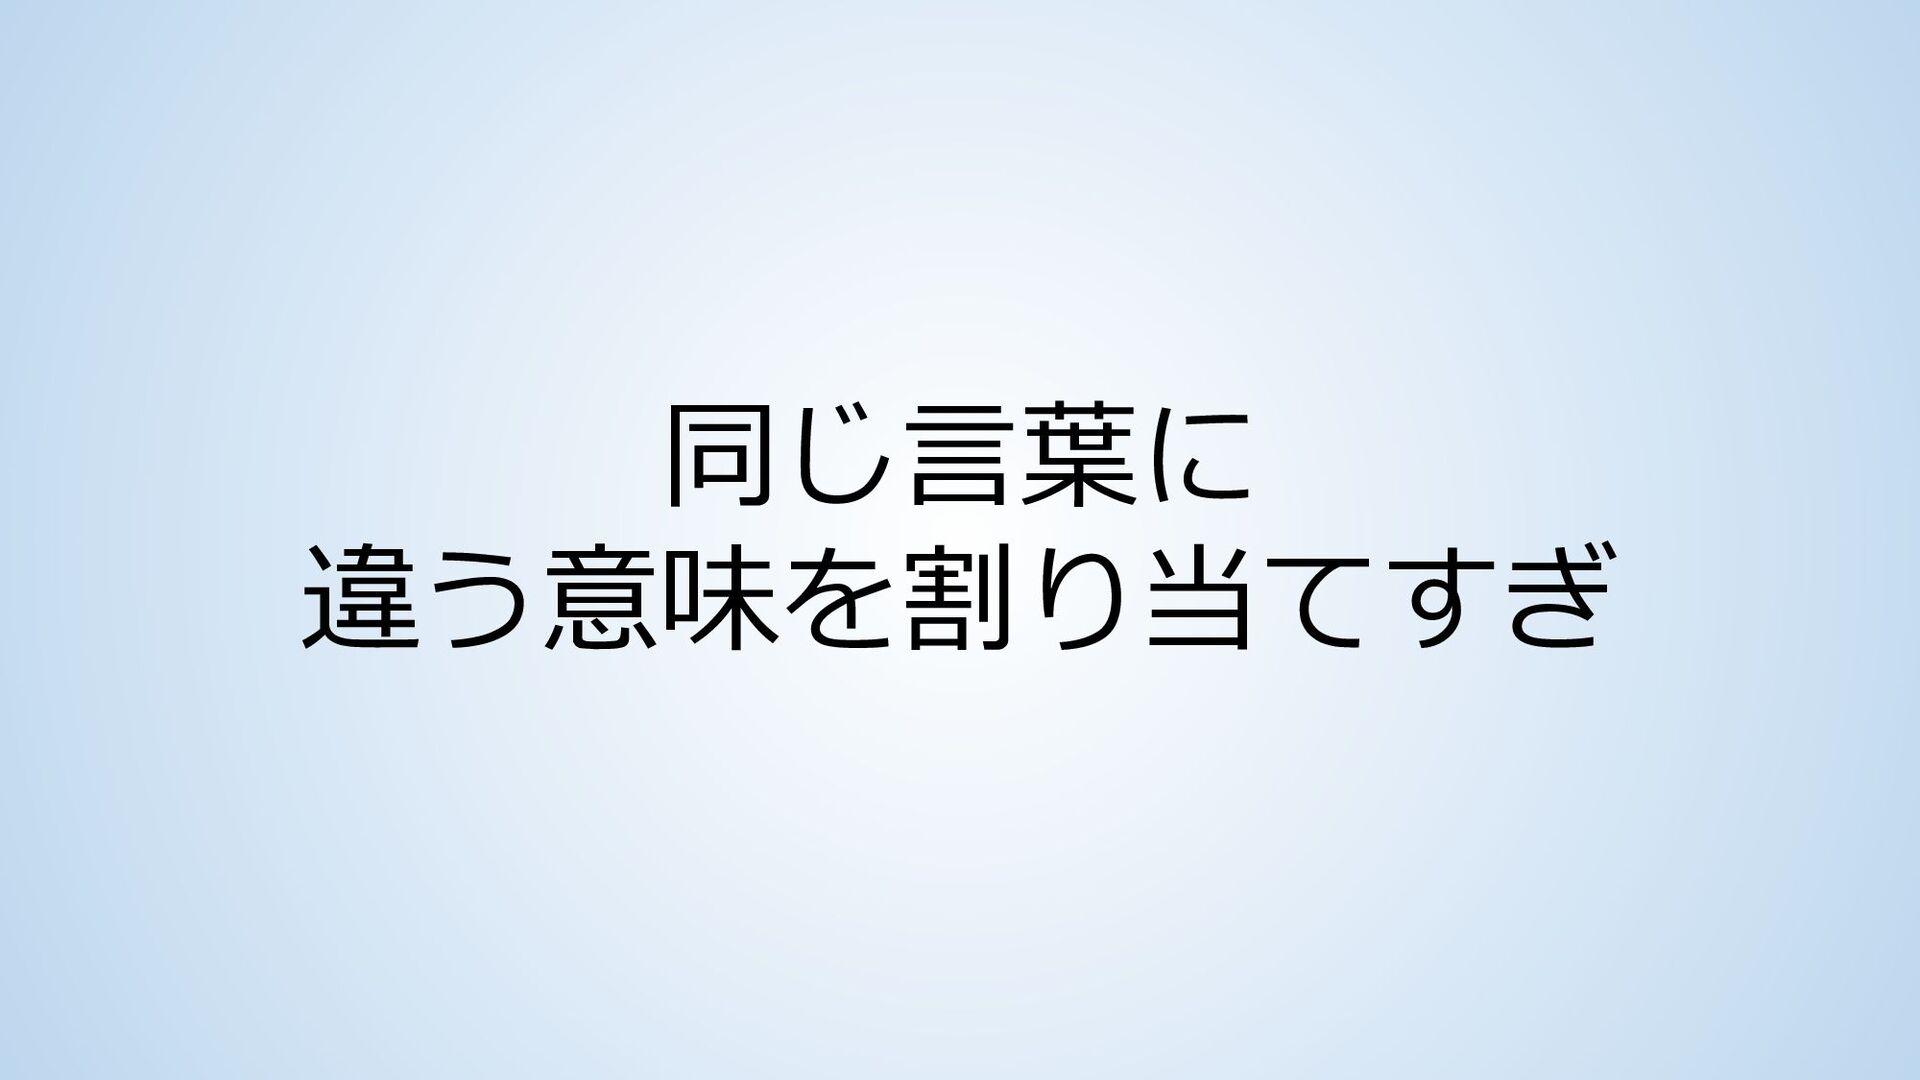 認証済みアカウント Verified Account